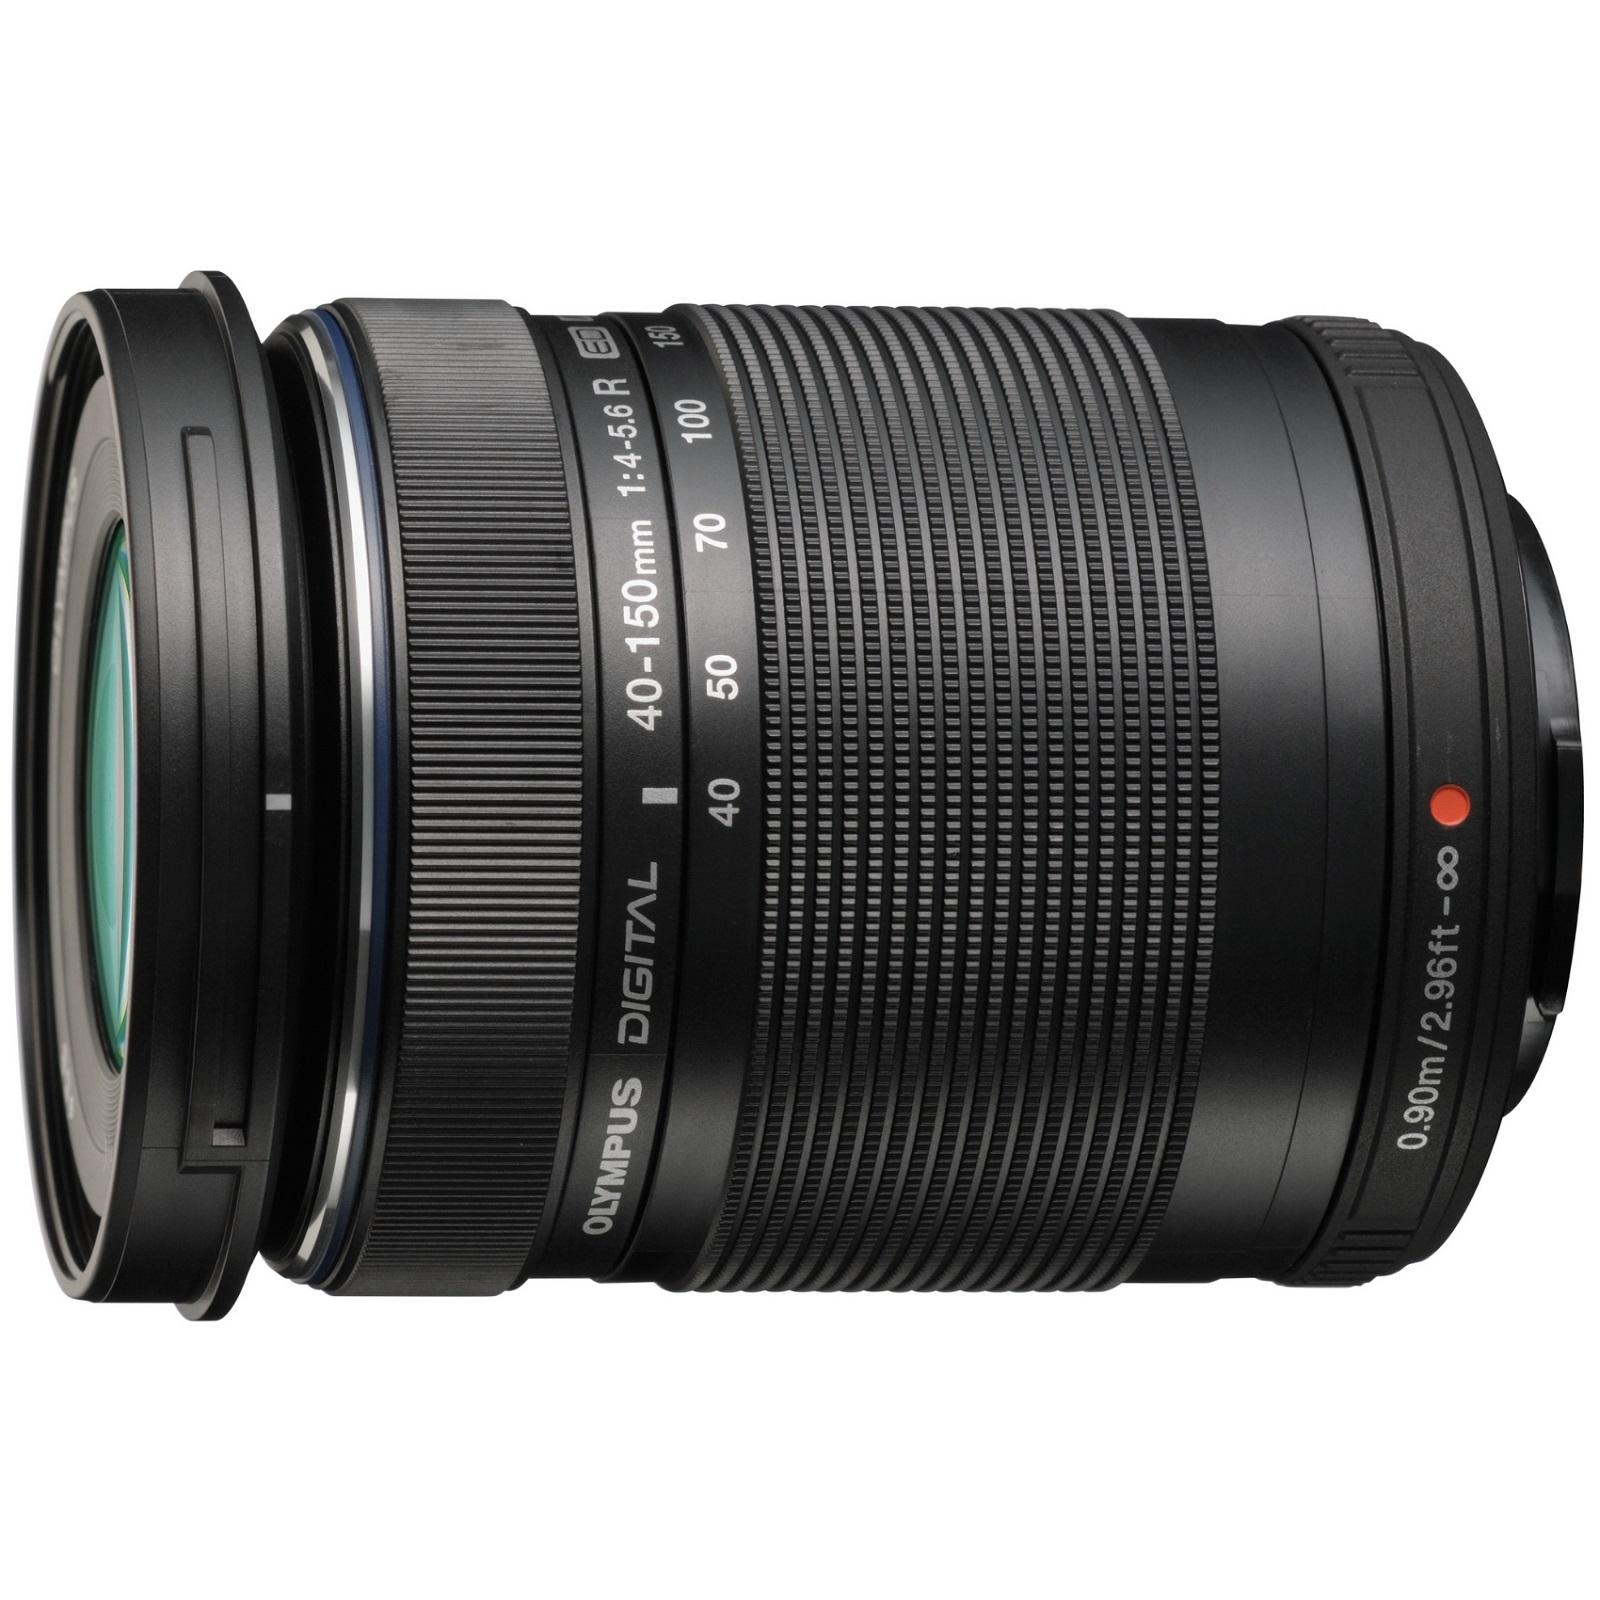 OLYMPUS オリンパス 望遠ズームレンズ M.ZUIKO DIGITAL ED 40-150mm F4.0-5.6 R ブラック 新品 (簡易箱)